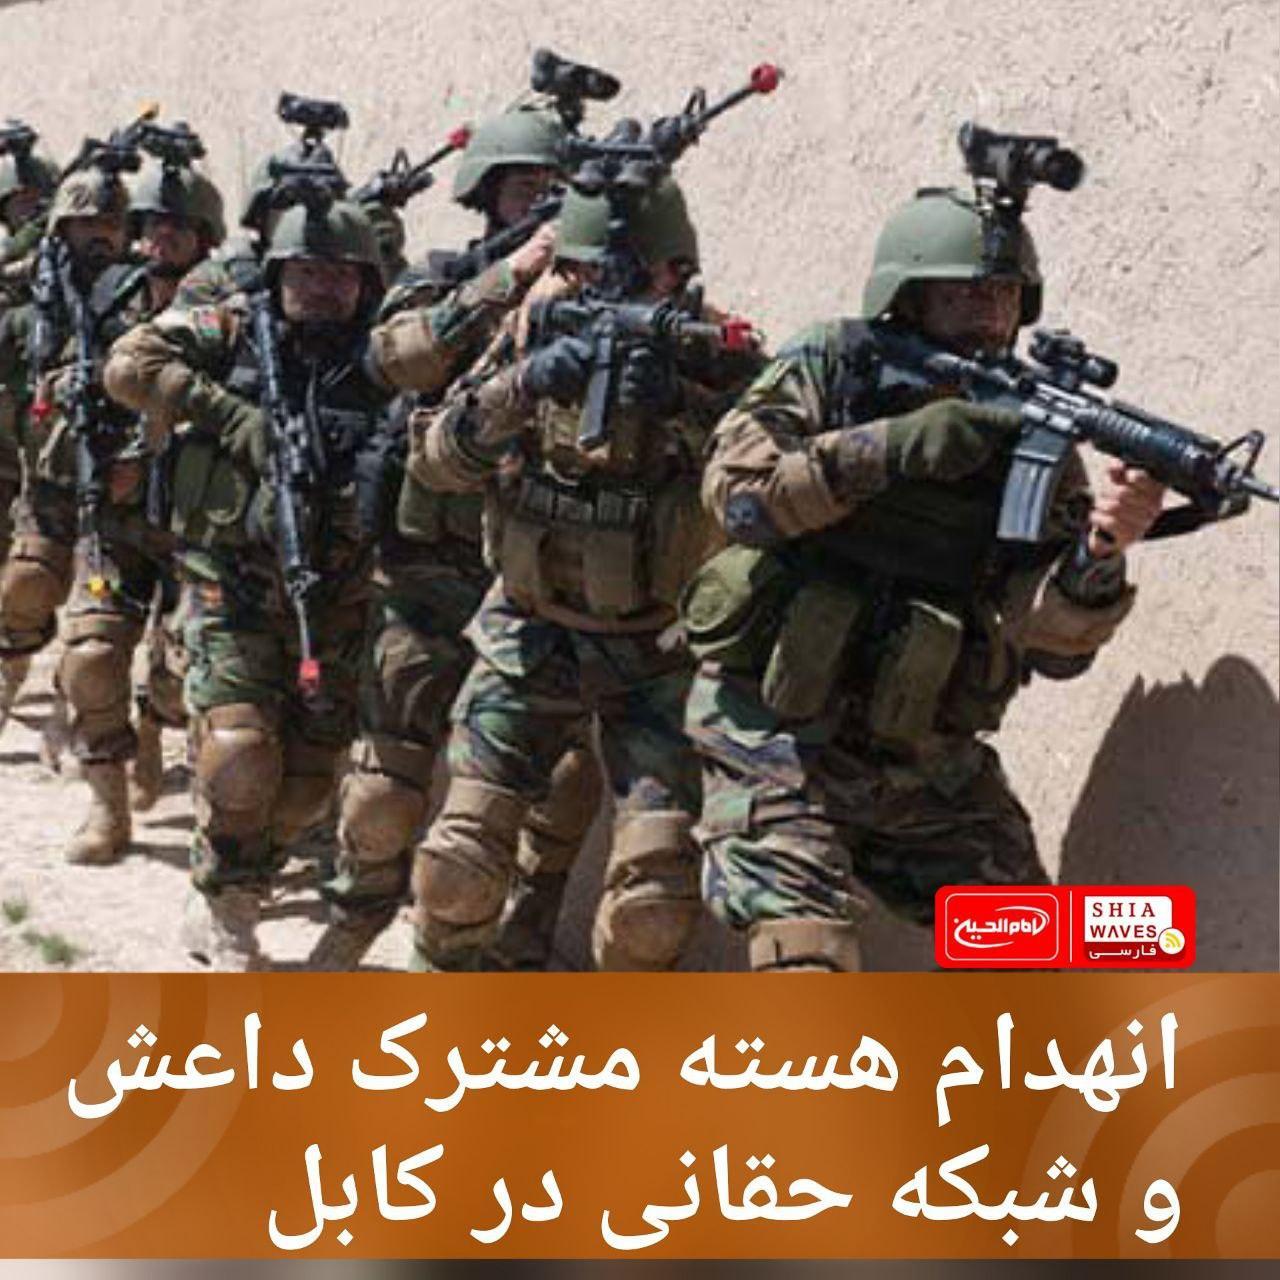 تصویر انهدام هسته مشترک داعش و شبکه حقانی در کابل